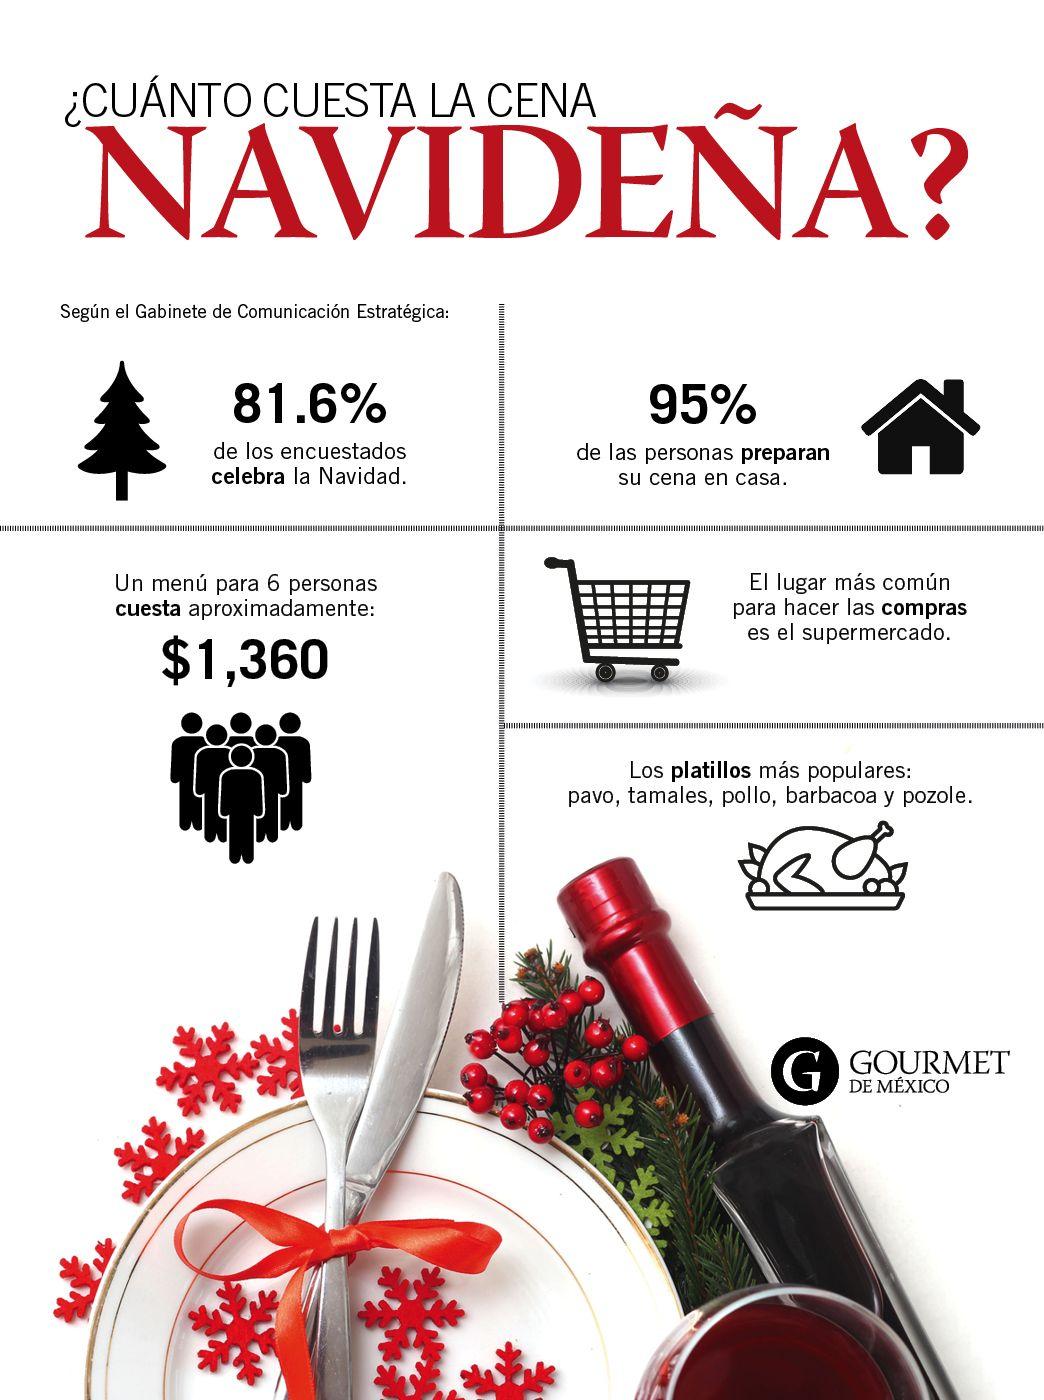 Cuanto Cuesta La Cena De Navidad Cena De Navidad Cenas Navidenas Comida Gourmet